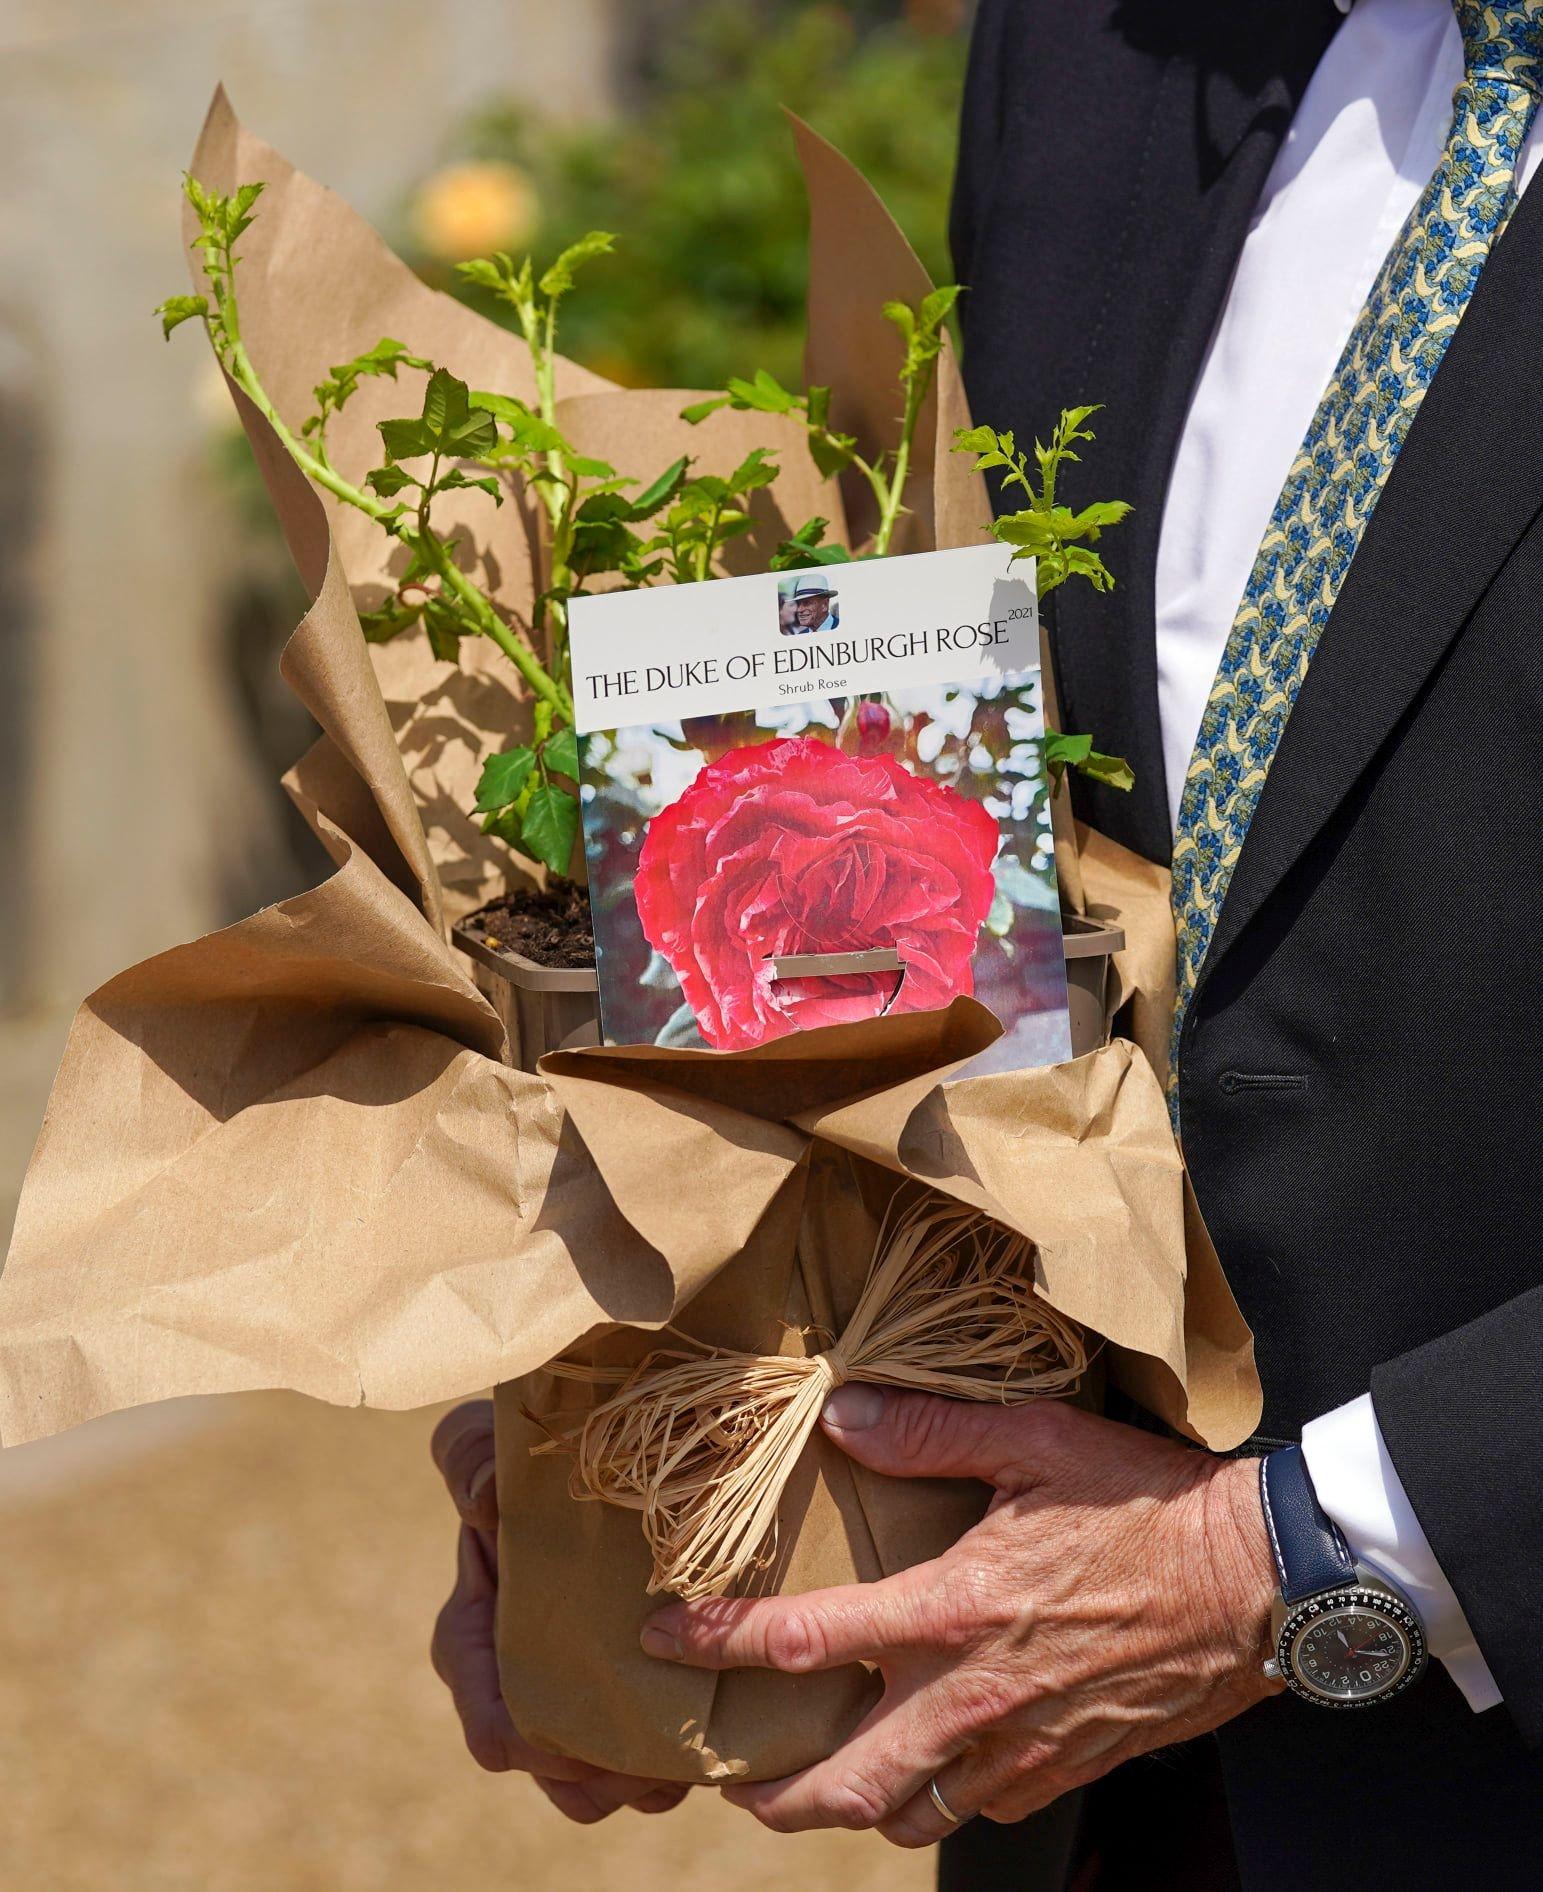 сорт роз в честь принца филиппа